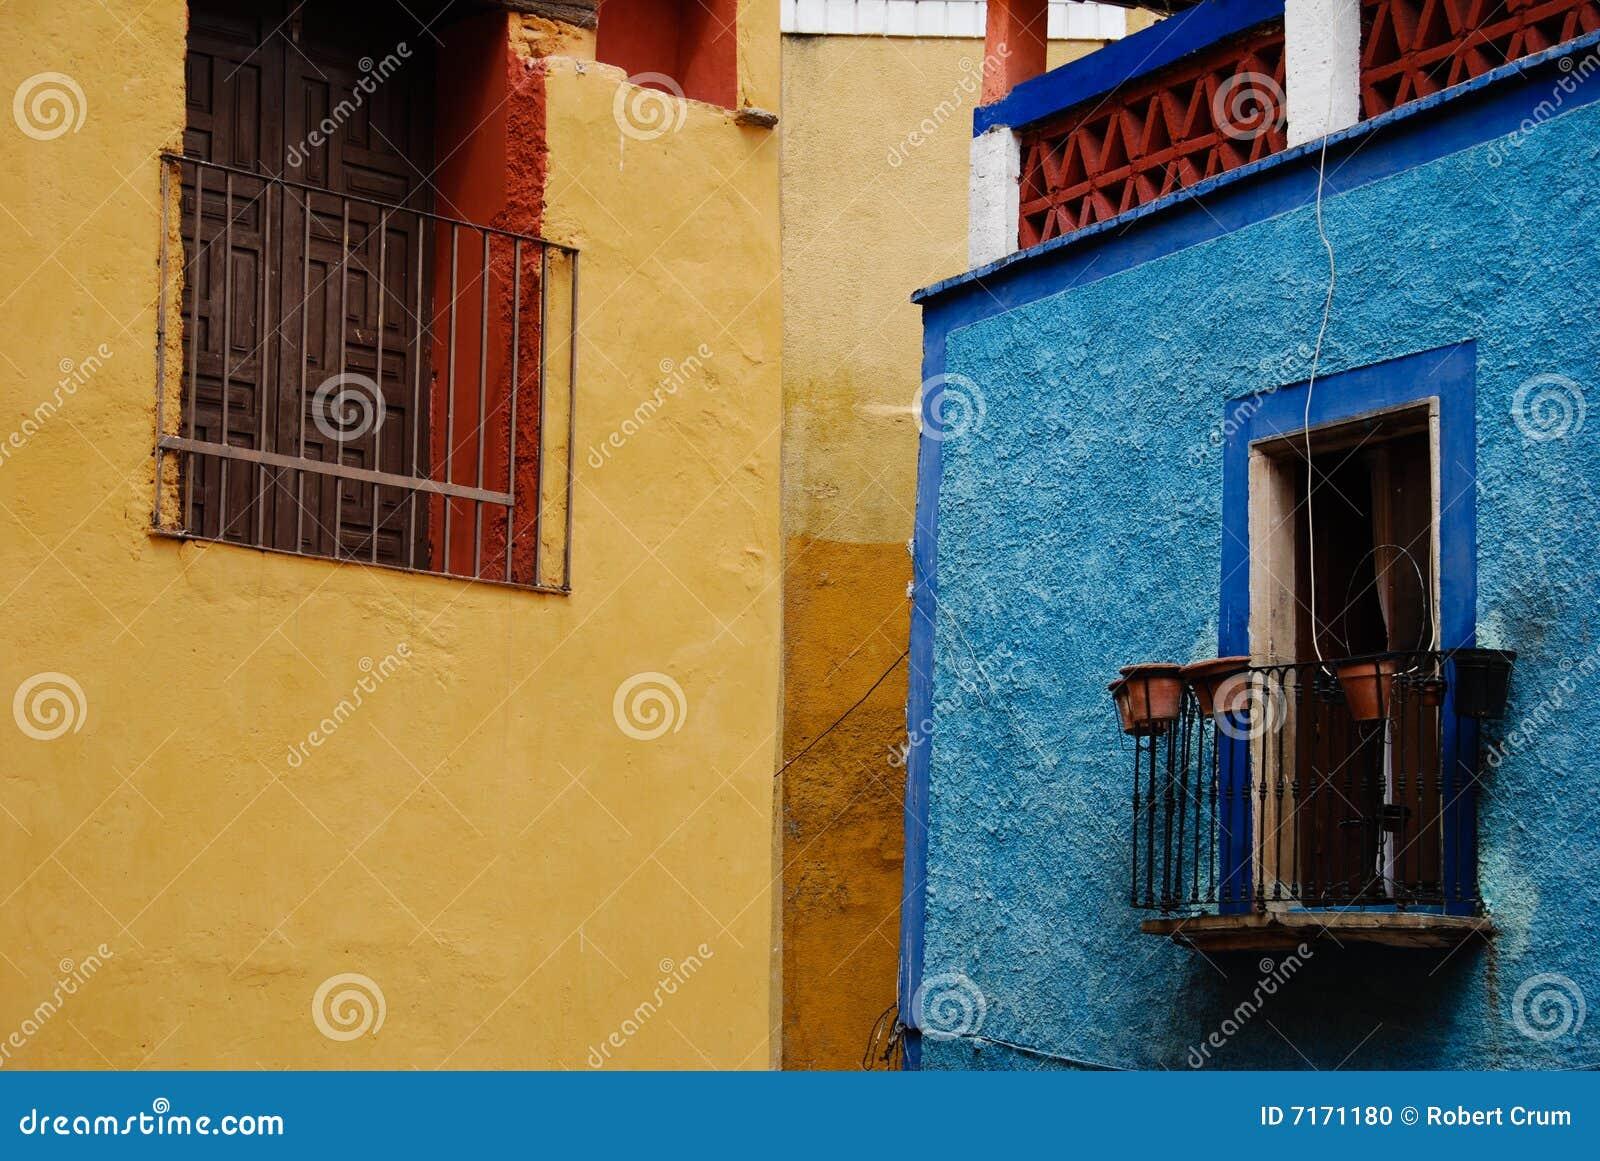 Fotos De Disenos Ventanas Mexicanas Wwwmiifotoscom